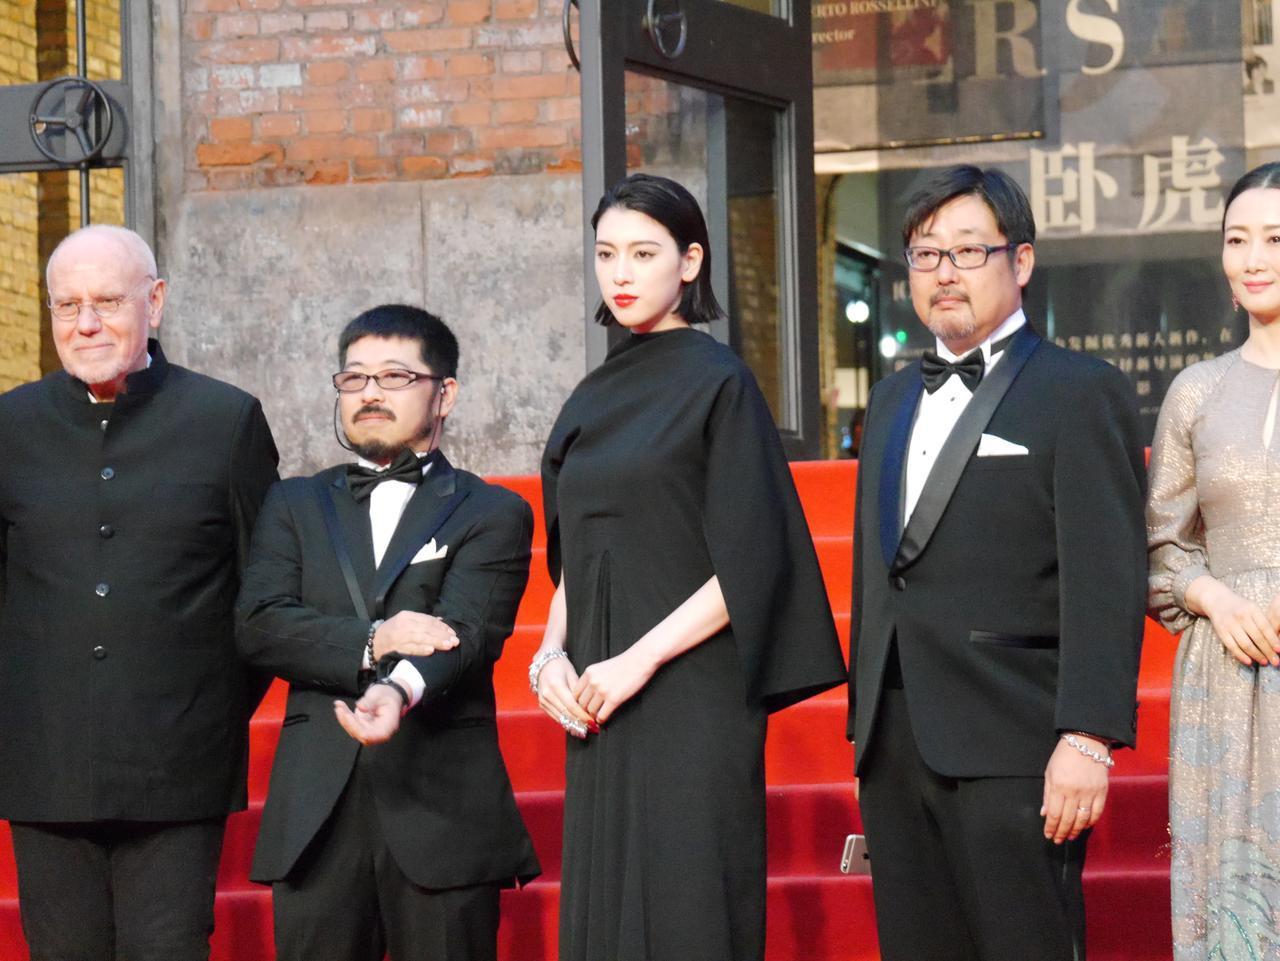 画像2: ▼主演の三吉彩花と清水崇監督がレッドカーペットに登場!イベントレポート